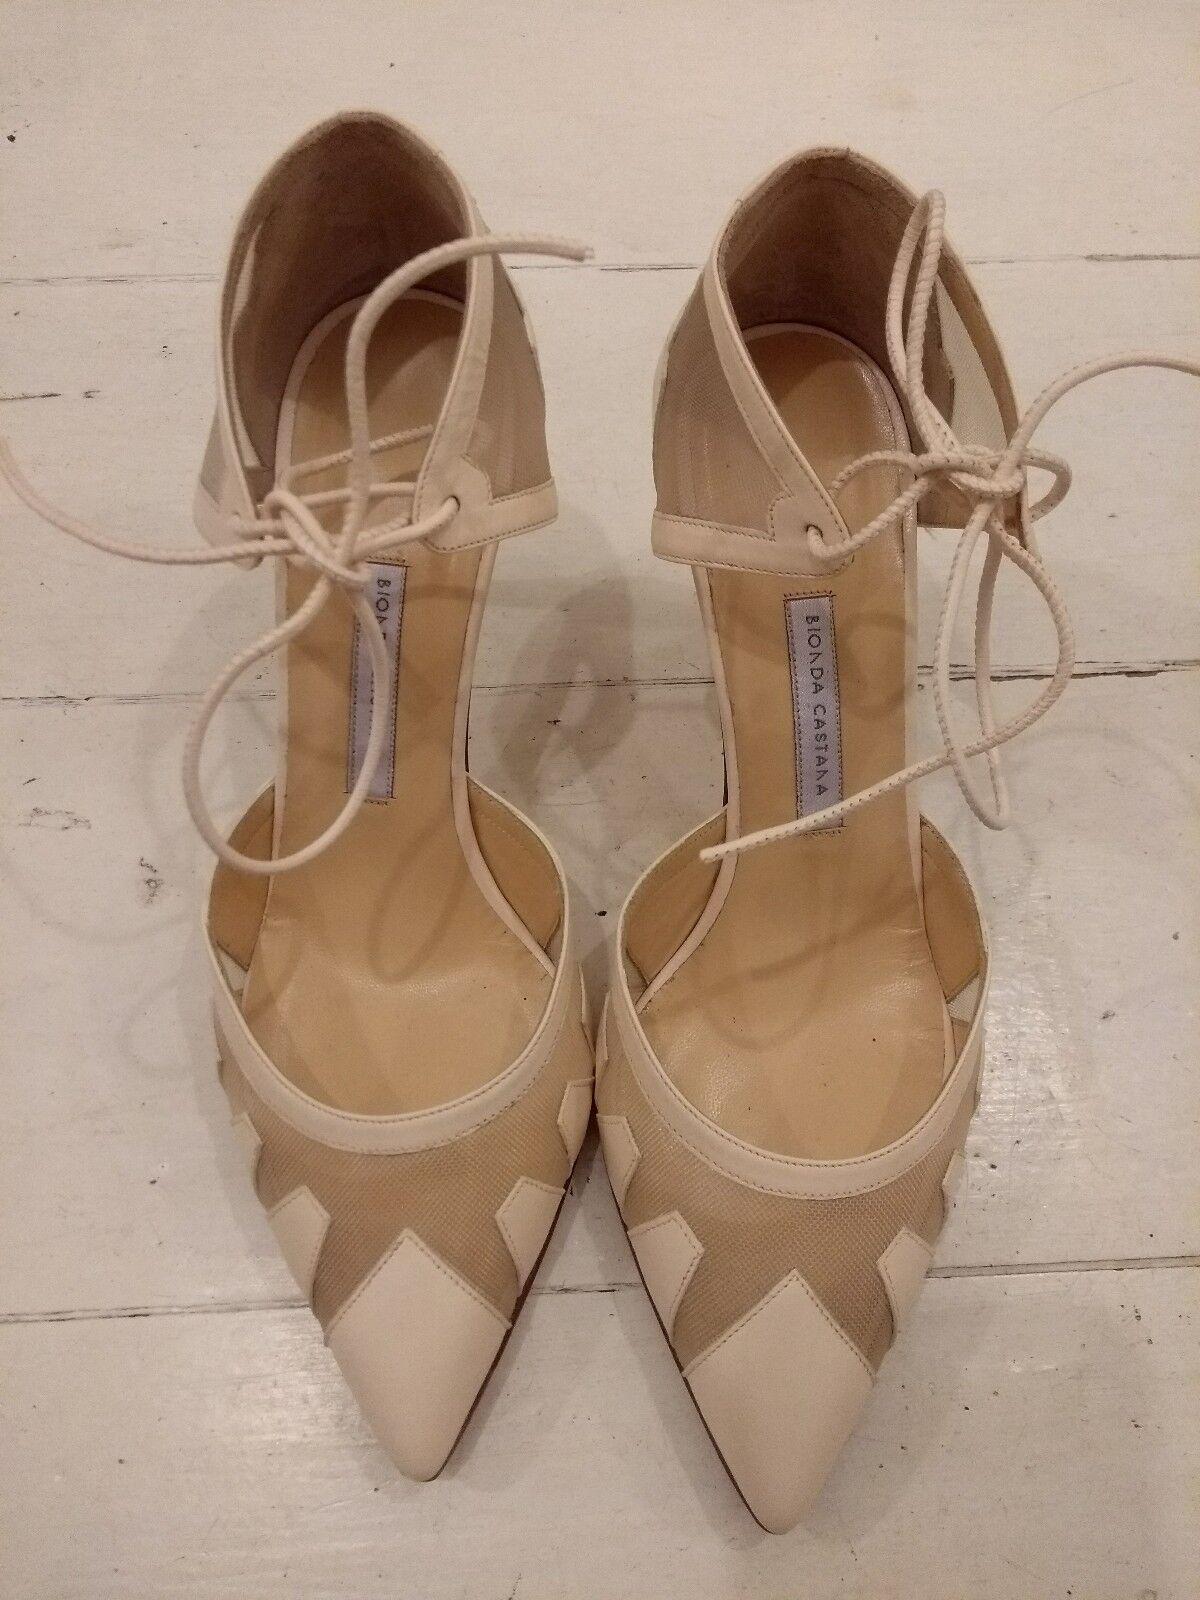 Bionda Castana nude Alexa heels, Größe 36 (new)